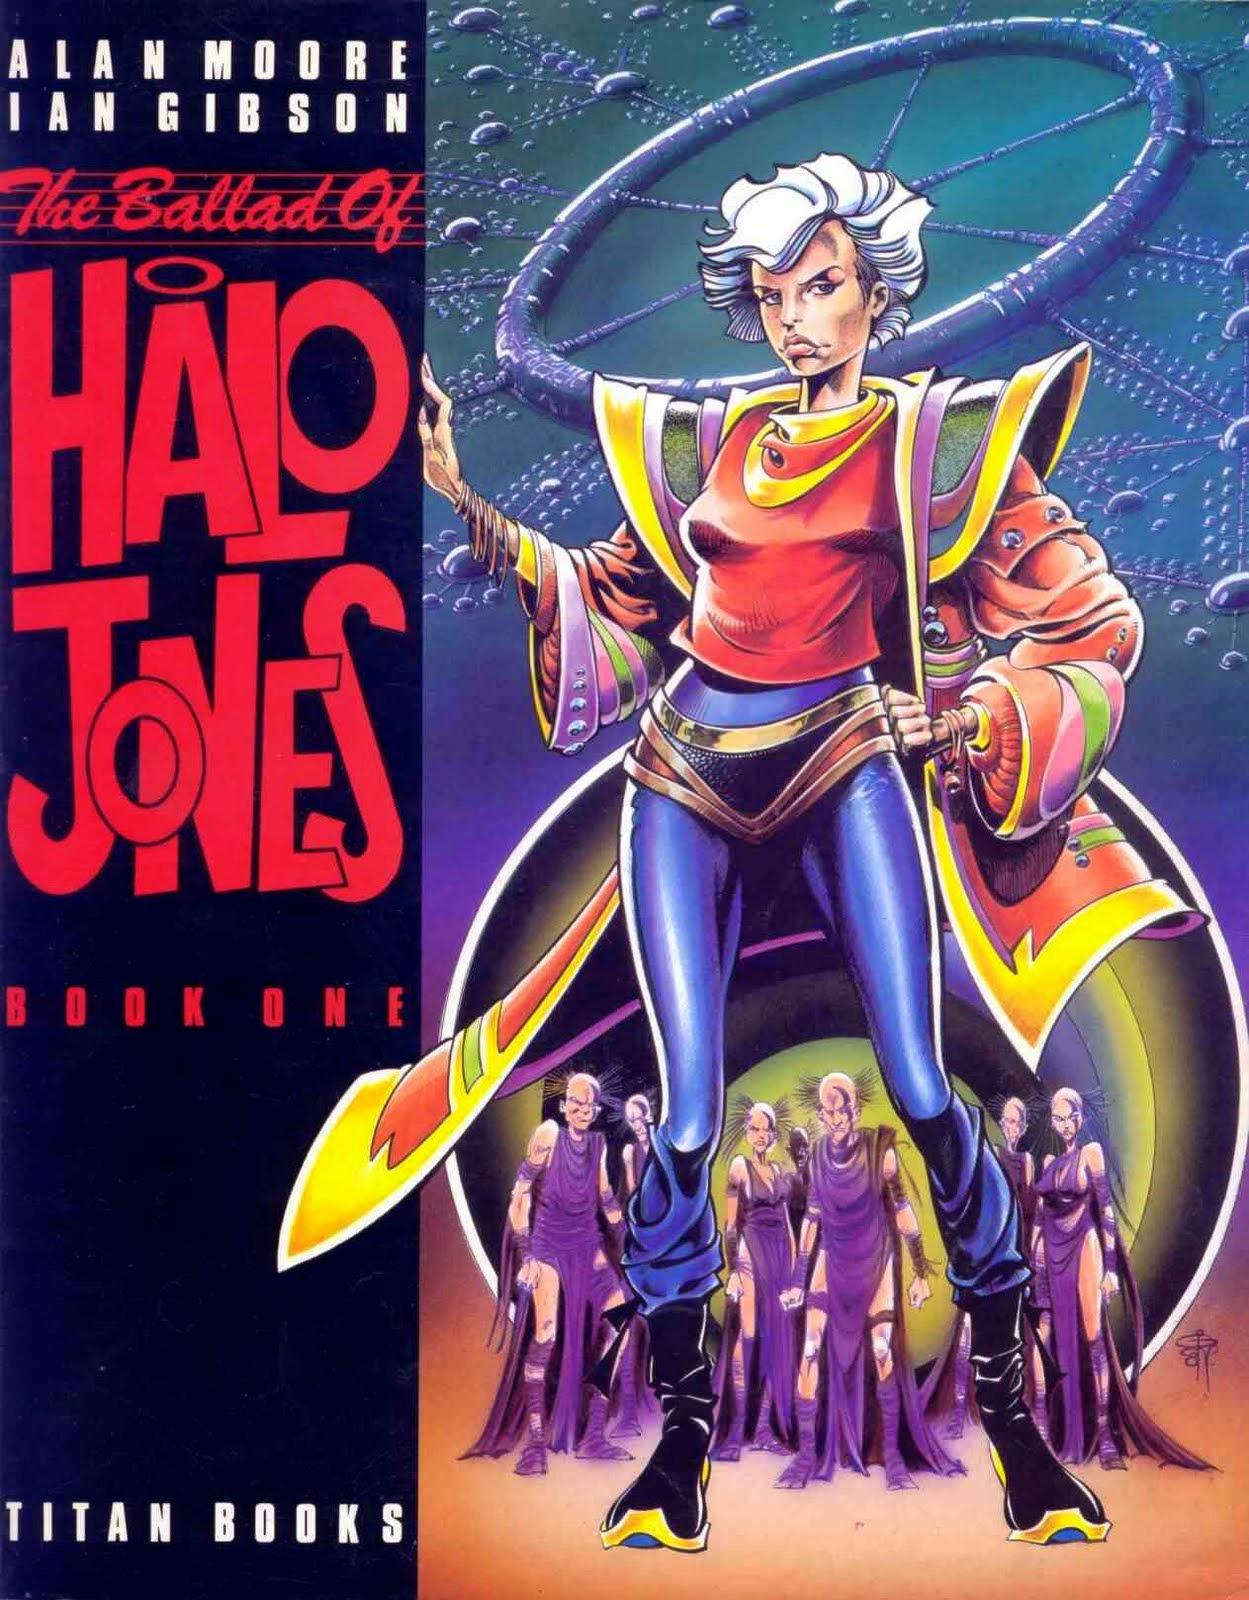 Alan Moore - Página 2 Ballad-of-halo-jones-book-1